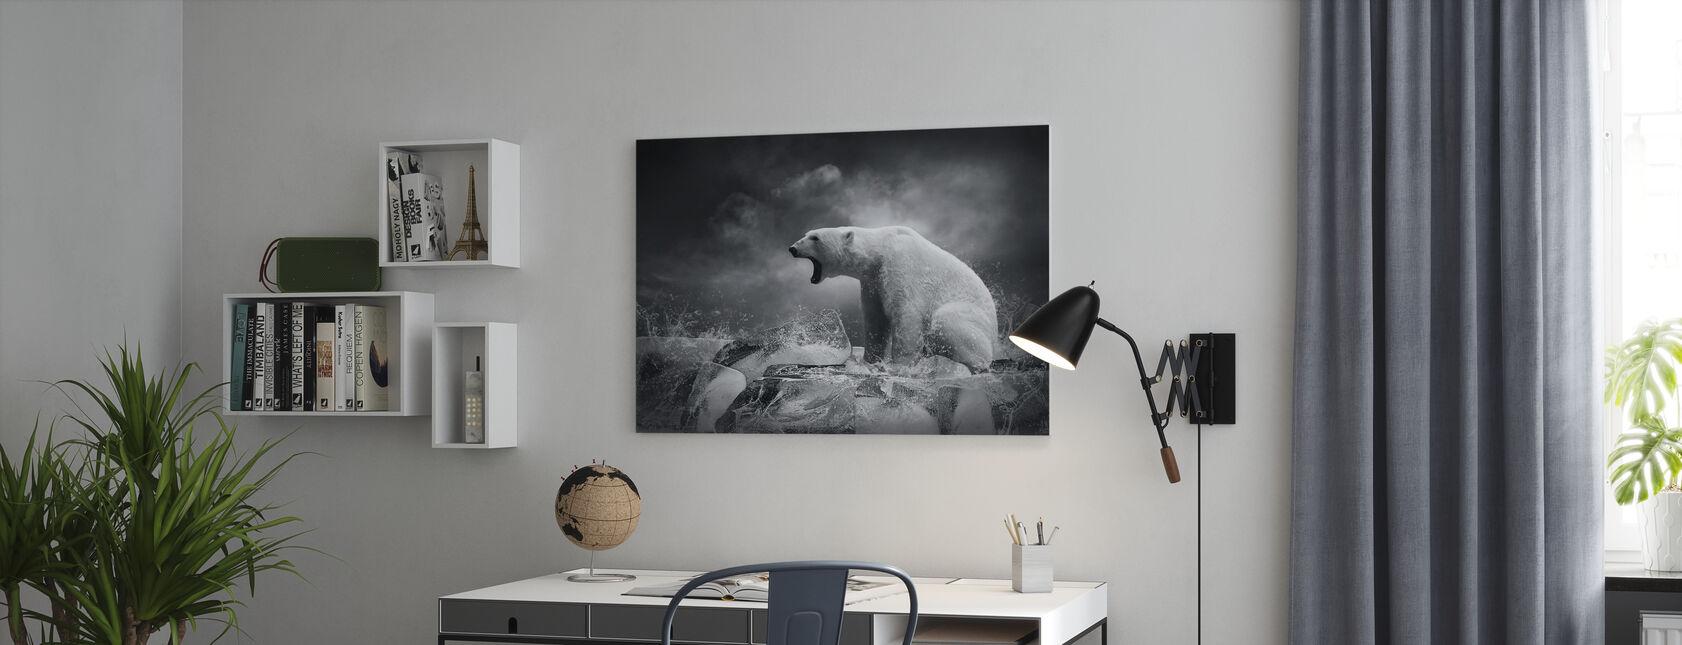 Witte IJsbeer Jager - Canvas print - Kantoor